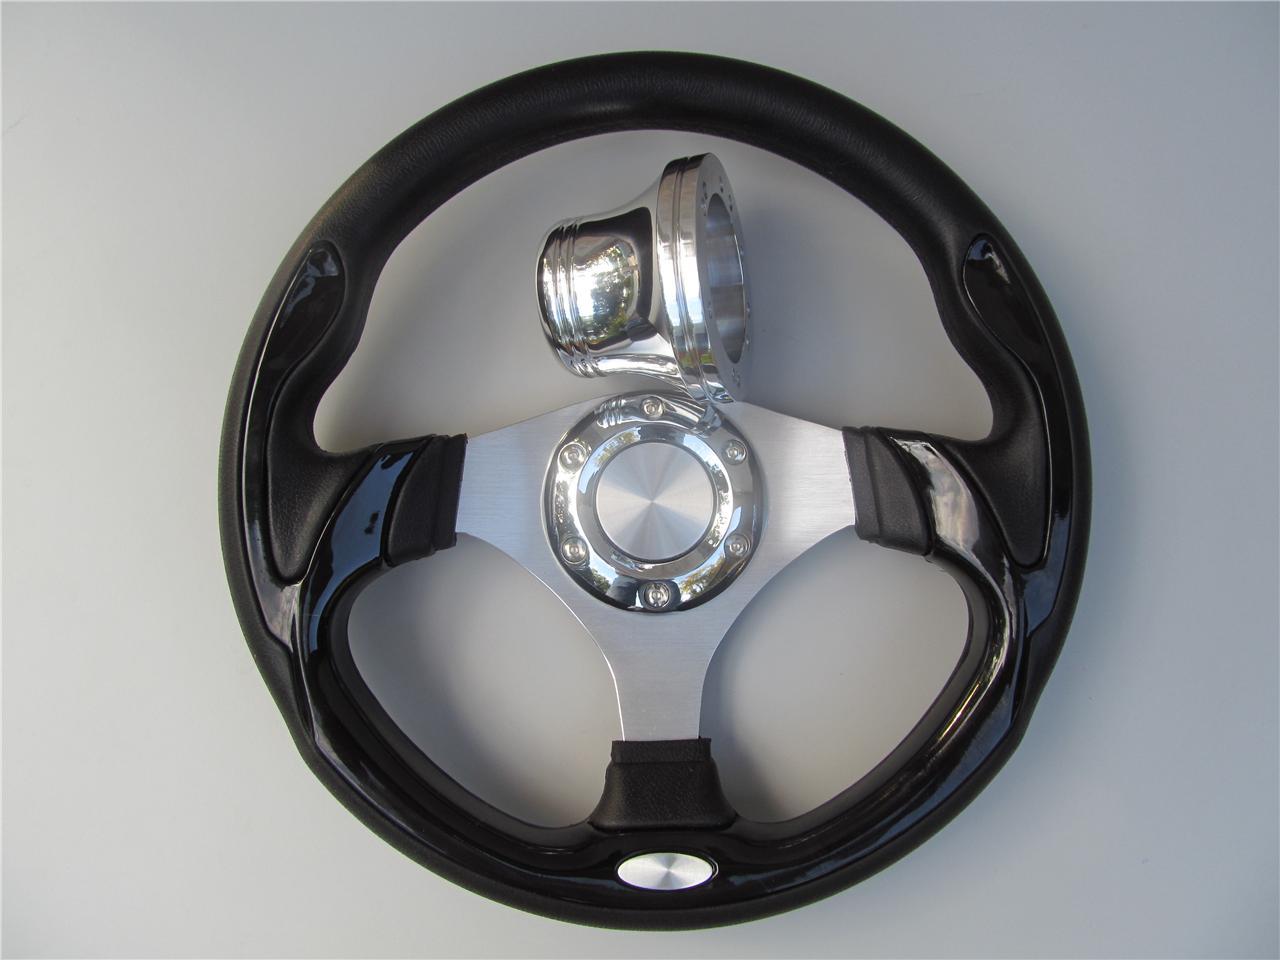 Club car steering wheel adapter